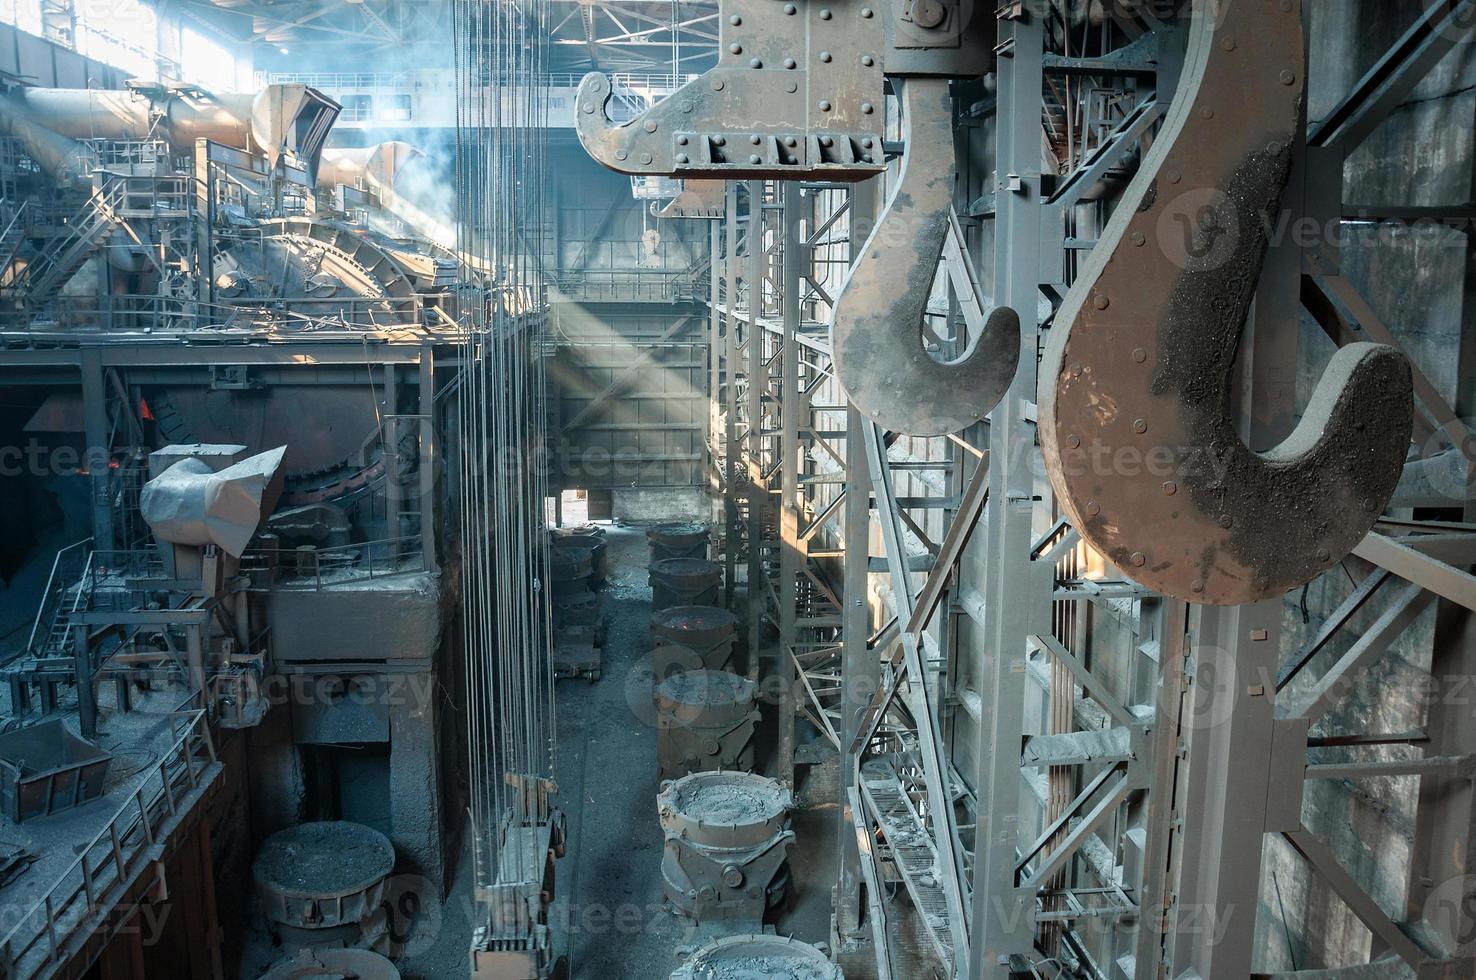 metallurgiska verk foto